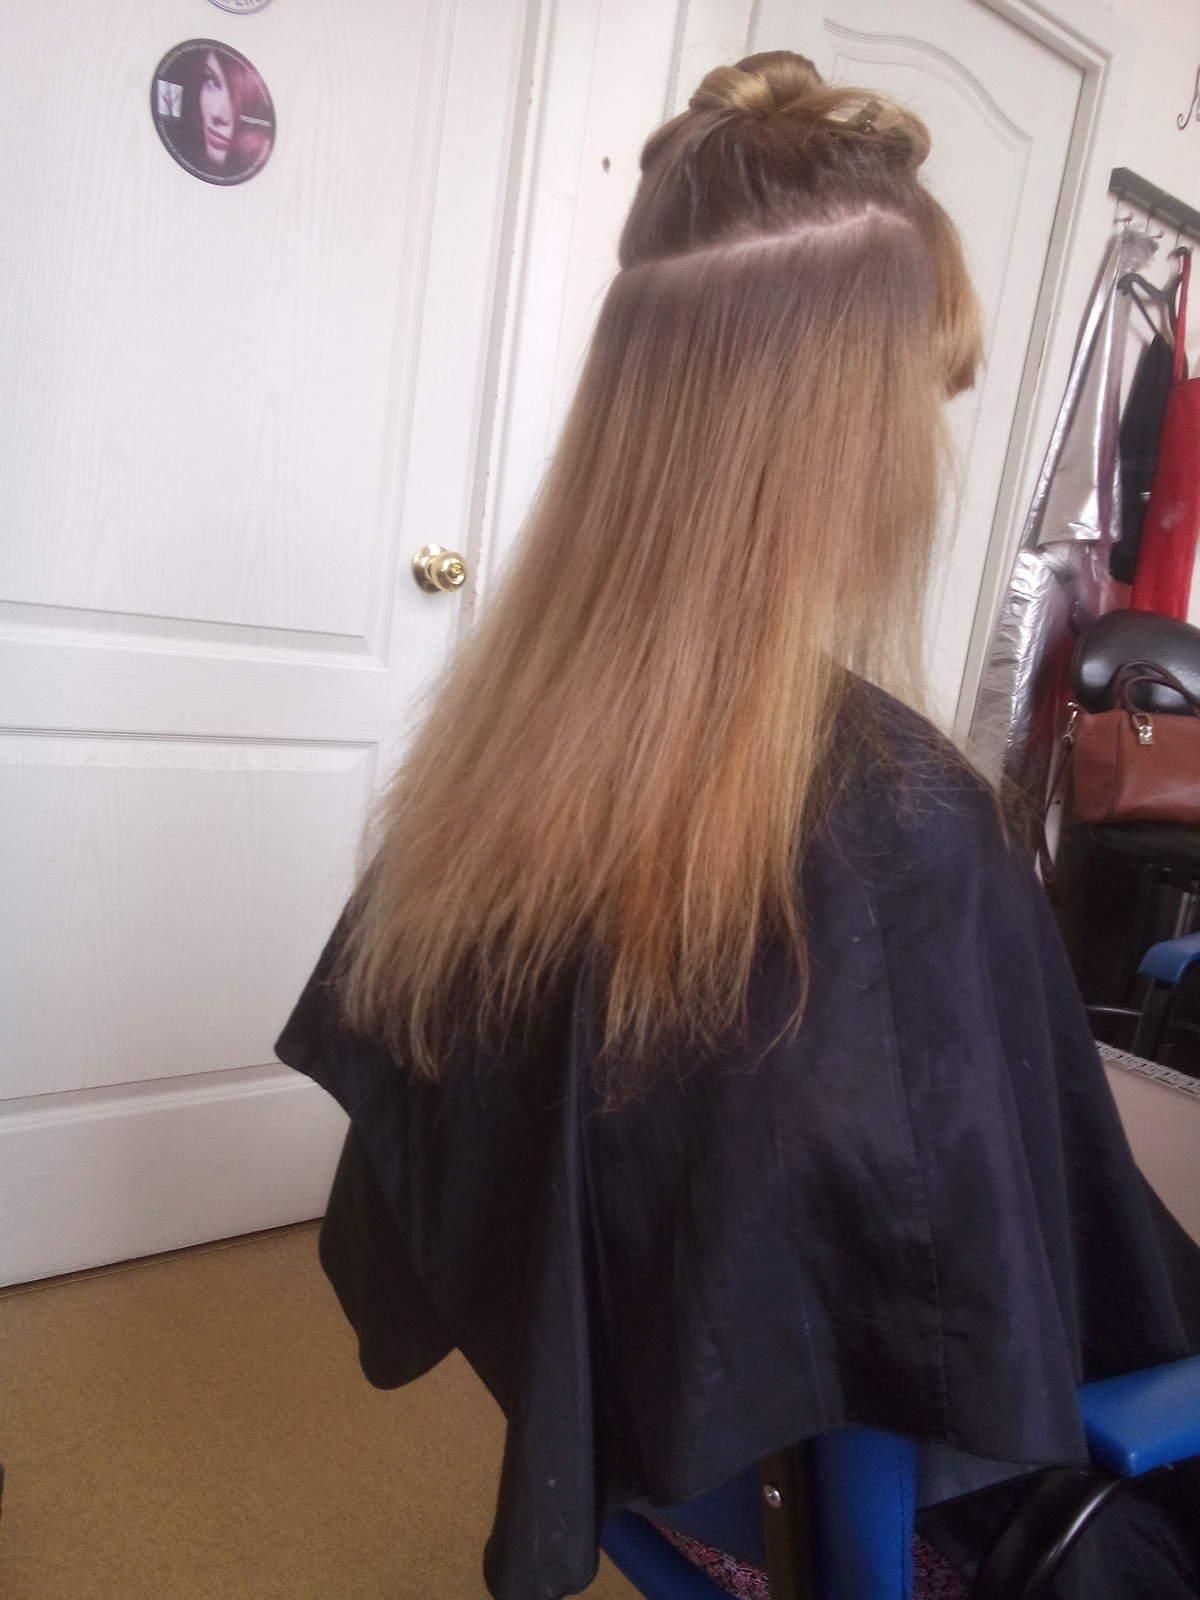 Как наращивают волосы и вредно ли это